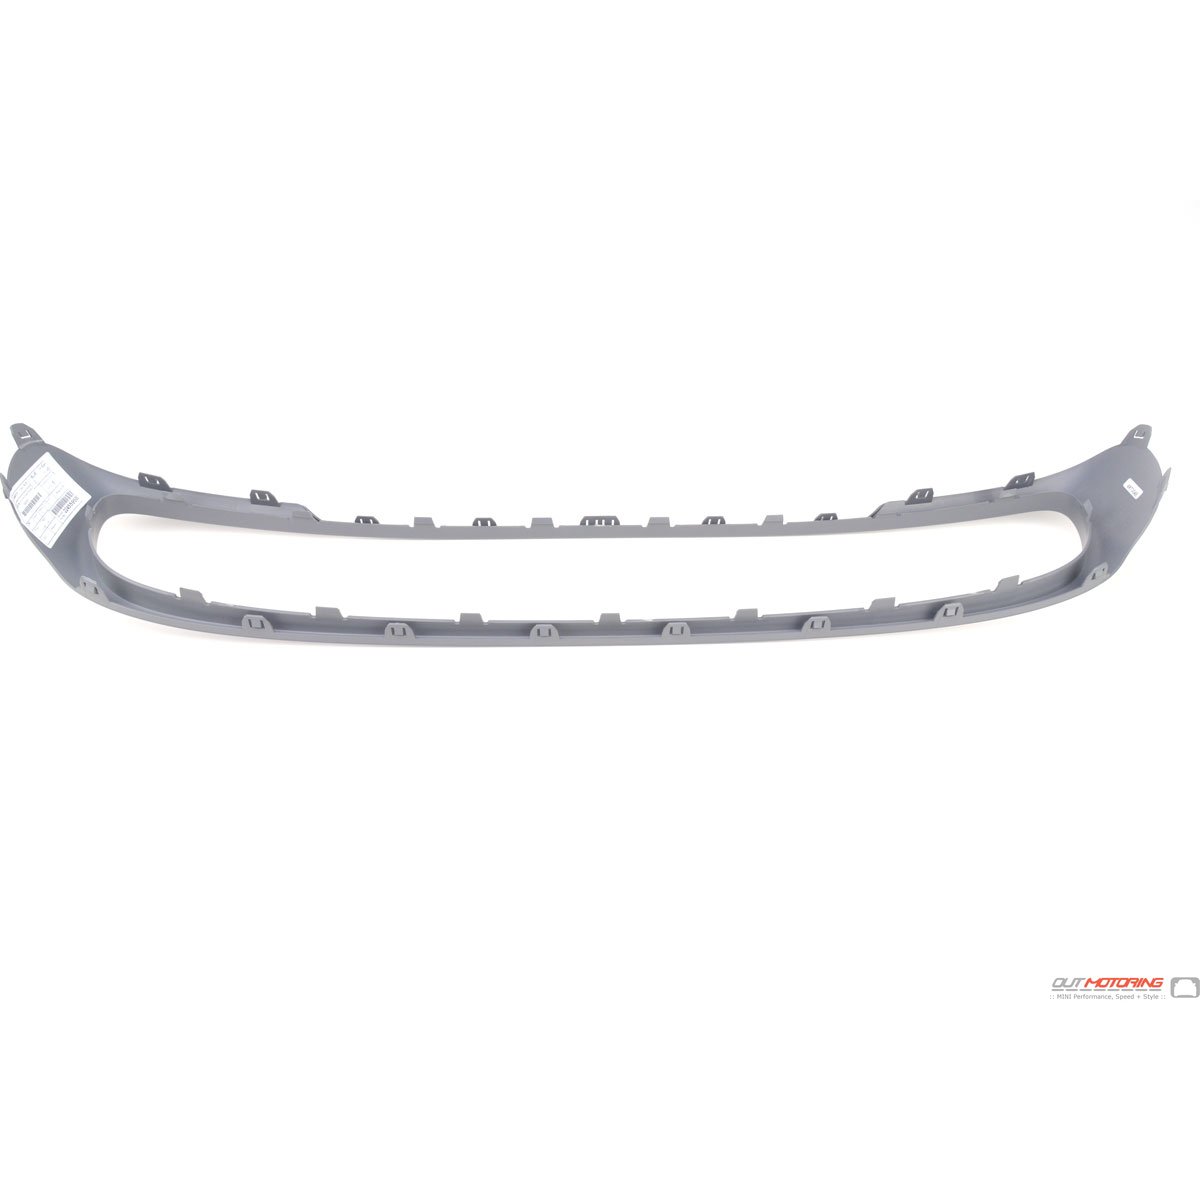 Mini Cooper 51117268744 Trim Cover: Air Intake: Primered